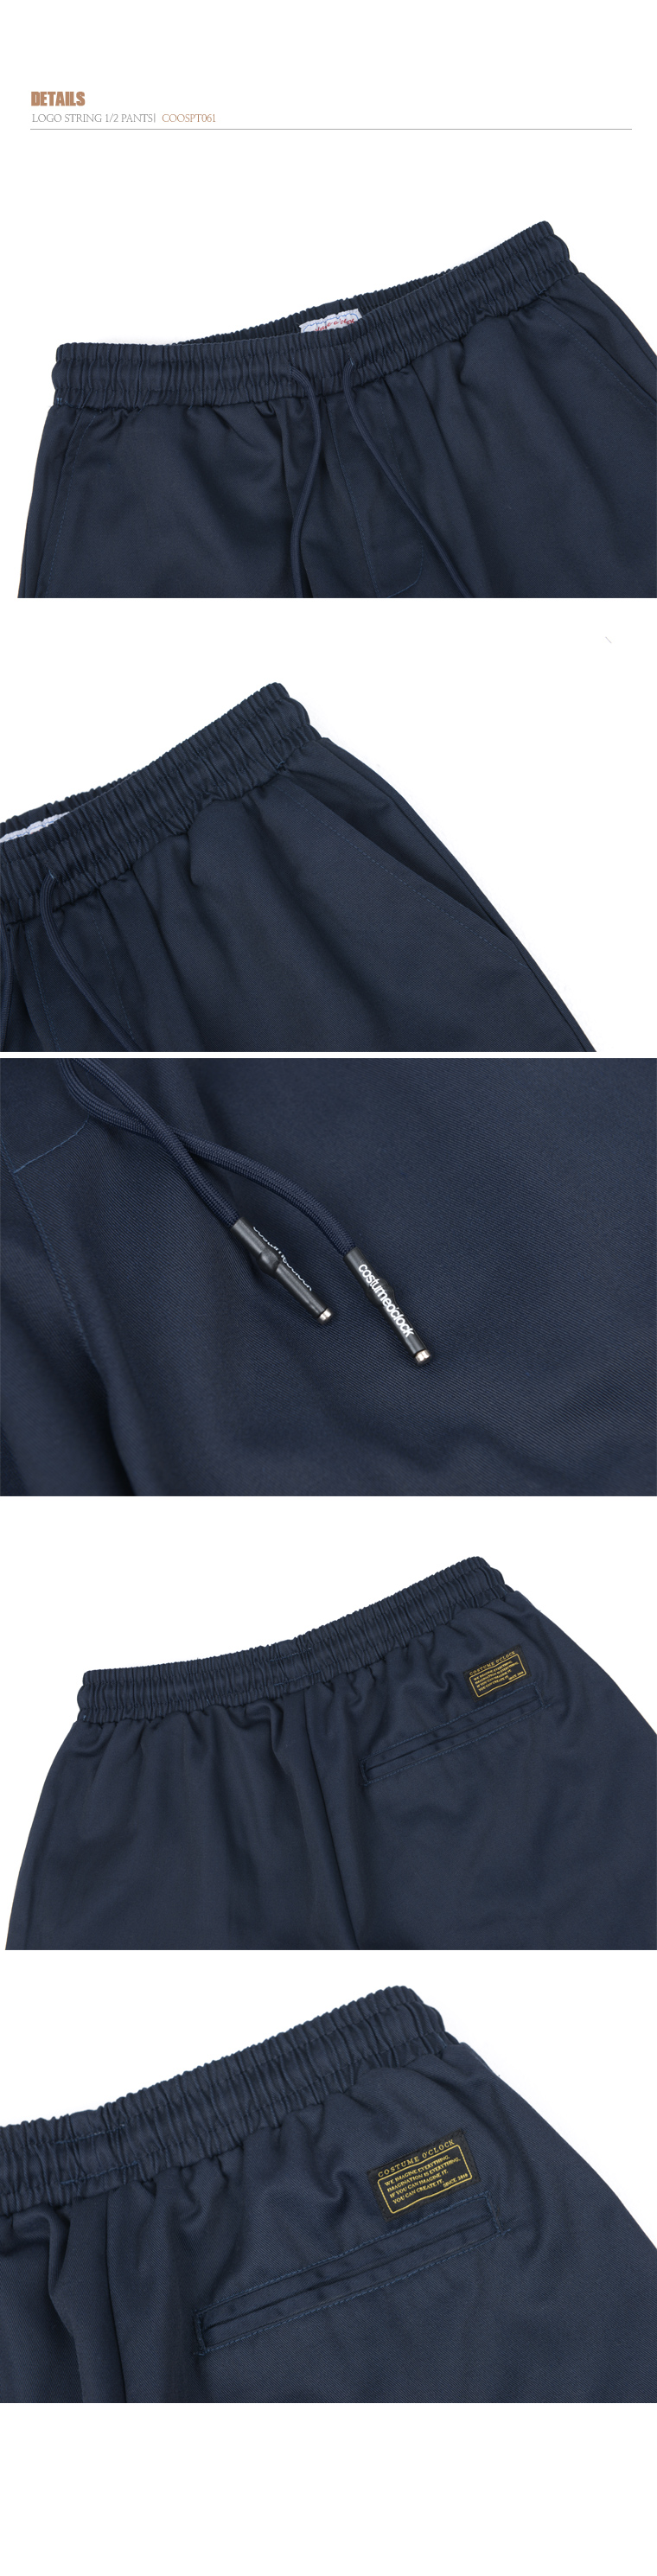 커스텀어클락(COSTUME O'CLOCK) 로고 스트링 1/2 팬츠 네이비